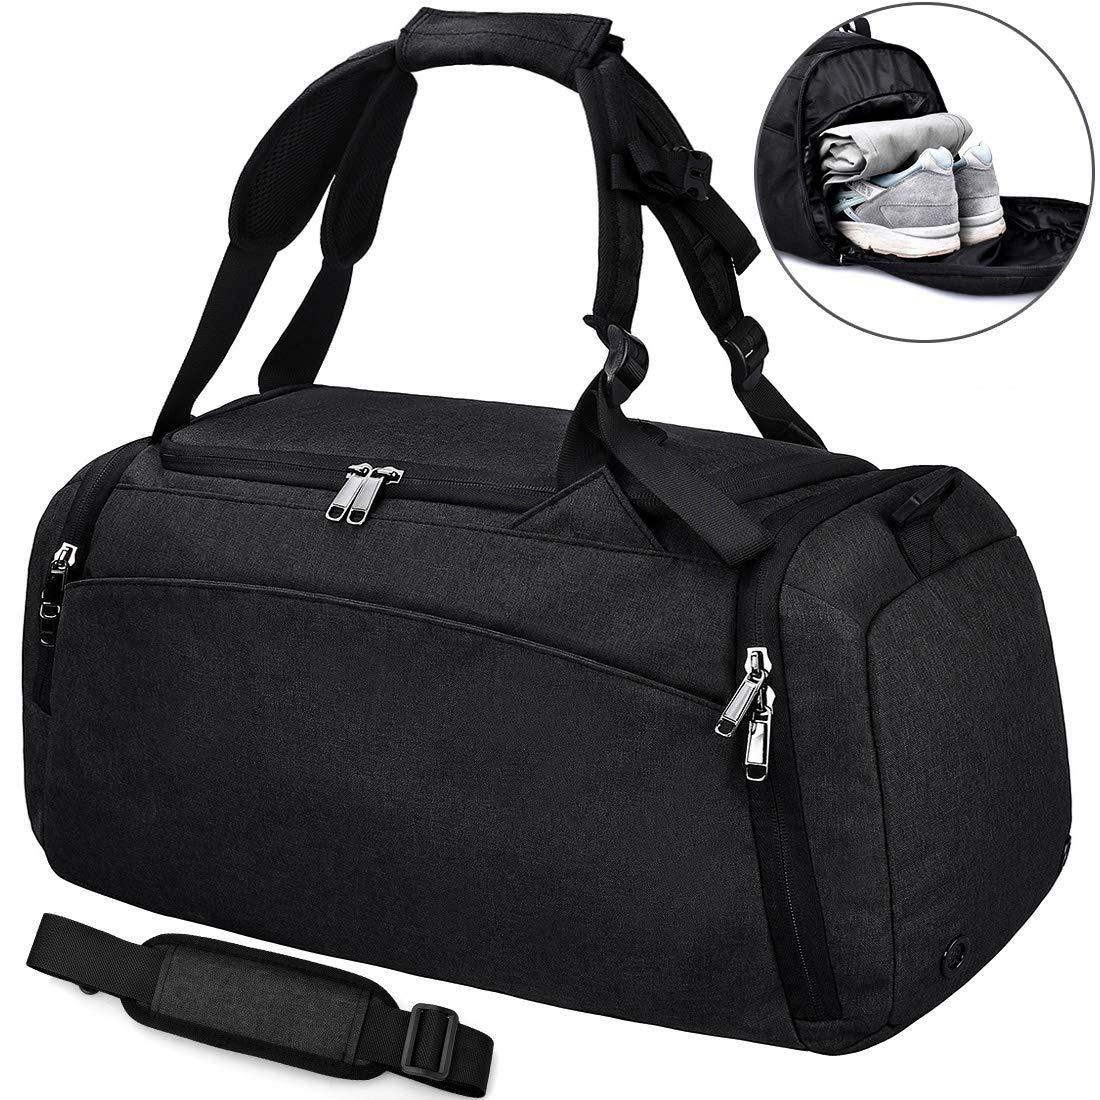 27f54b3d55025 Bolsa Deporte Bolsa Gimnasio de Viaje Impermeable Bolsos Deportivos Fin de  Semana Travel Duffle Bag para